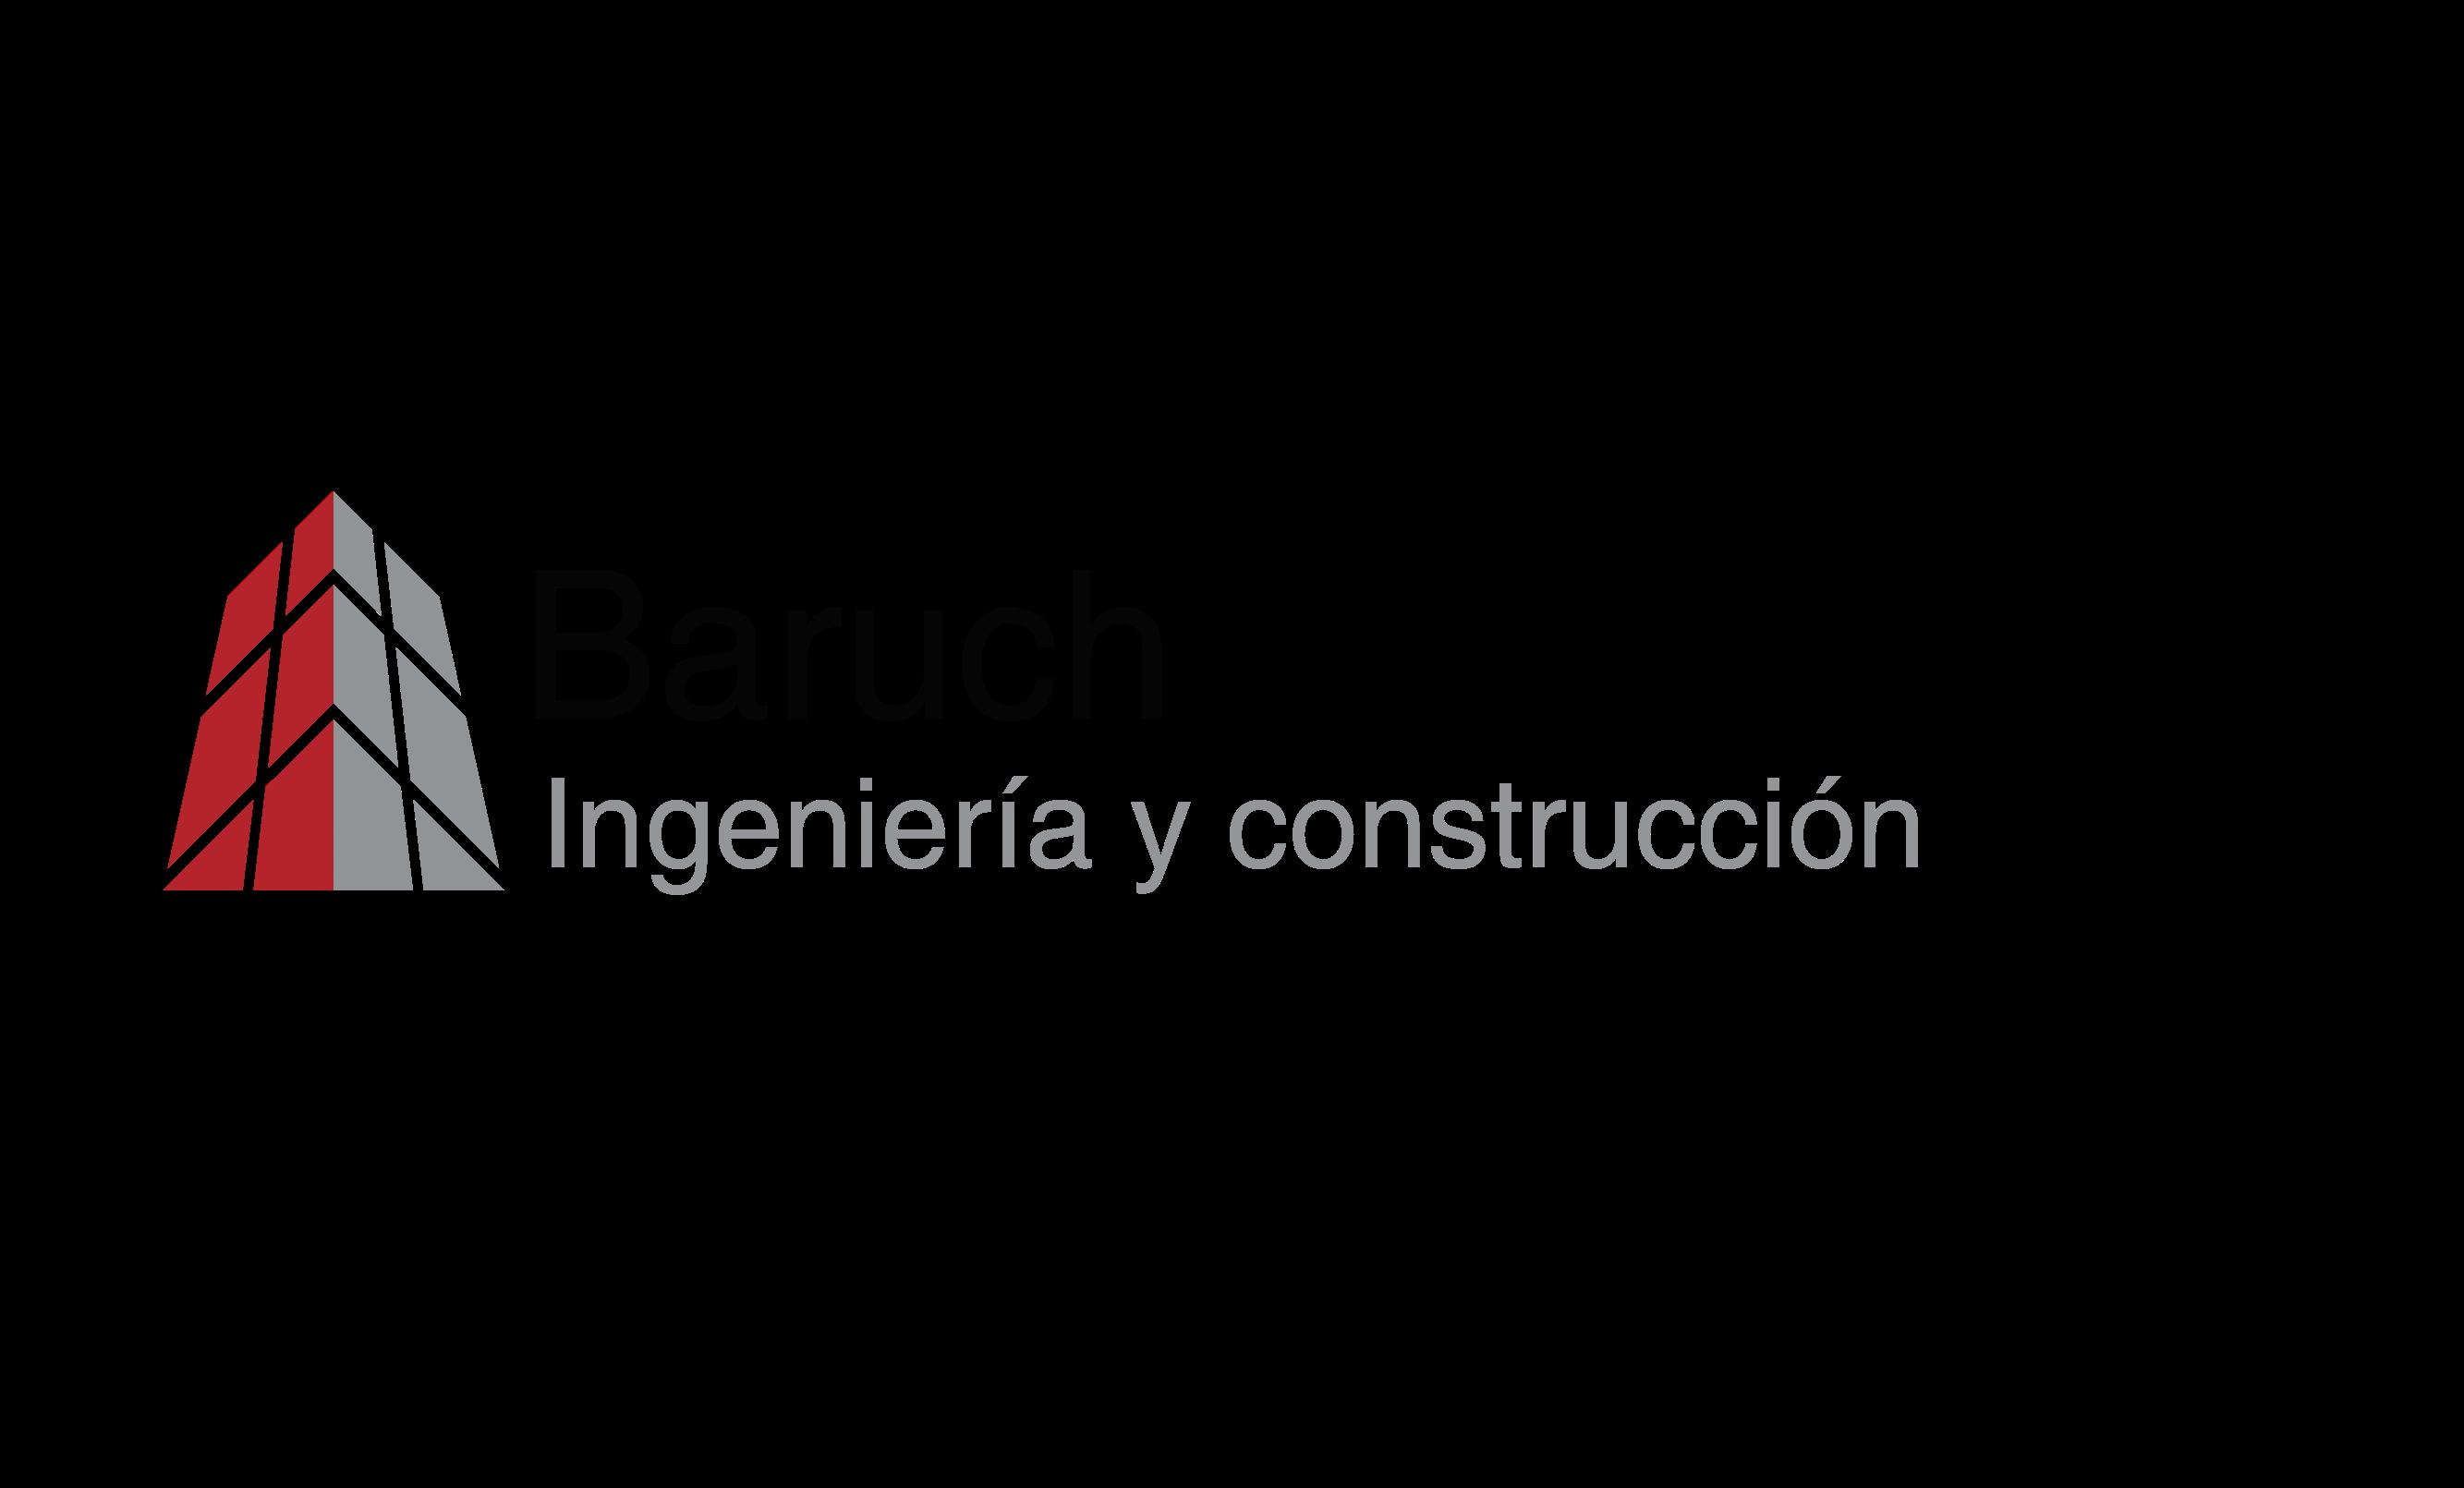 Baruch Ingeniería Y Construcción